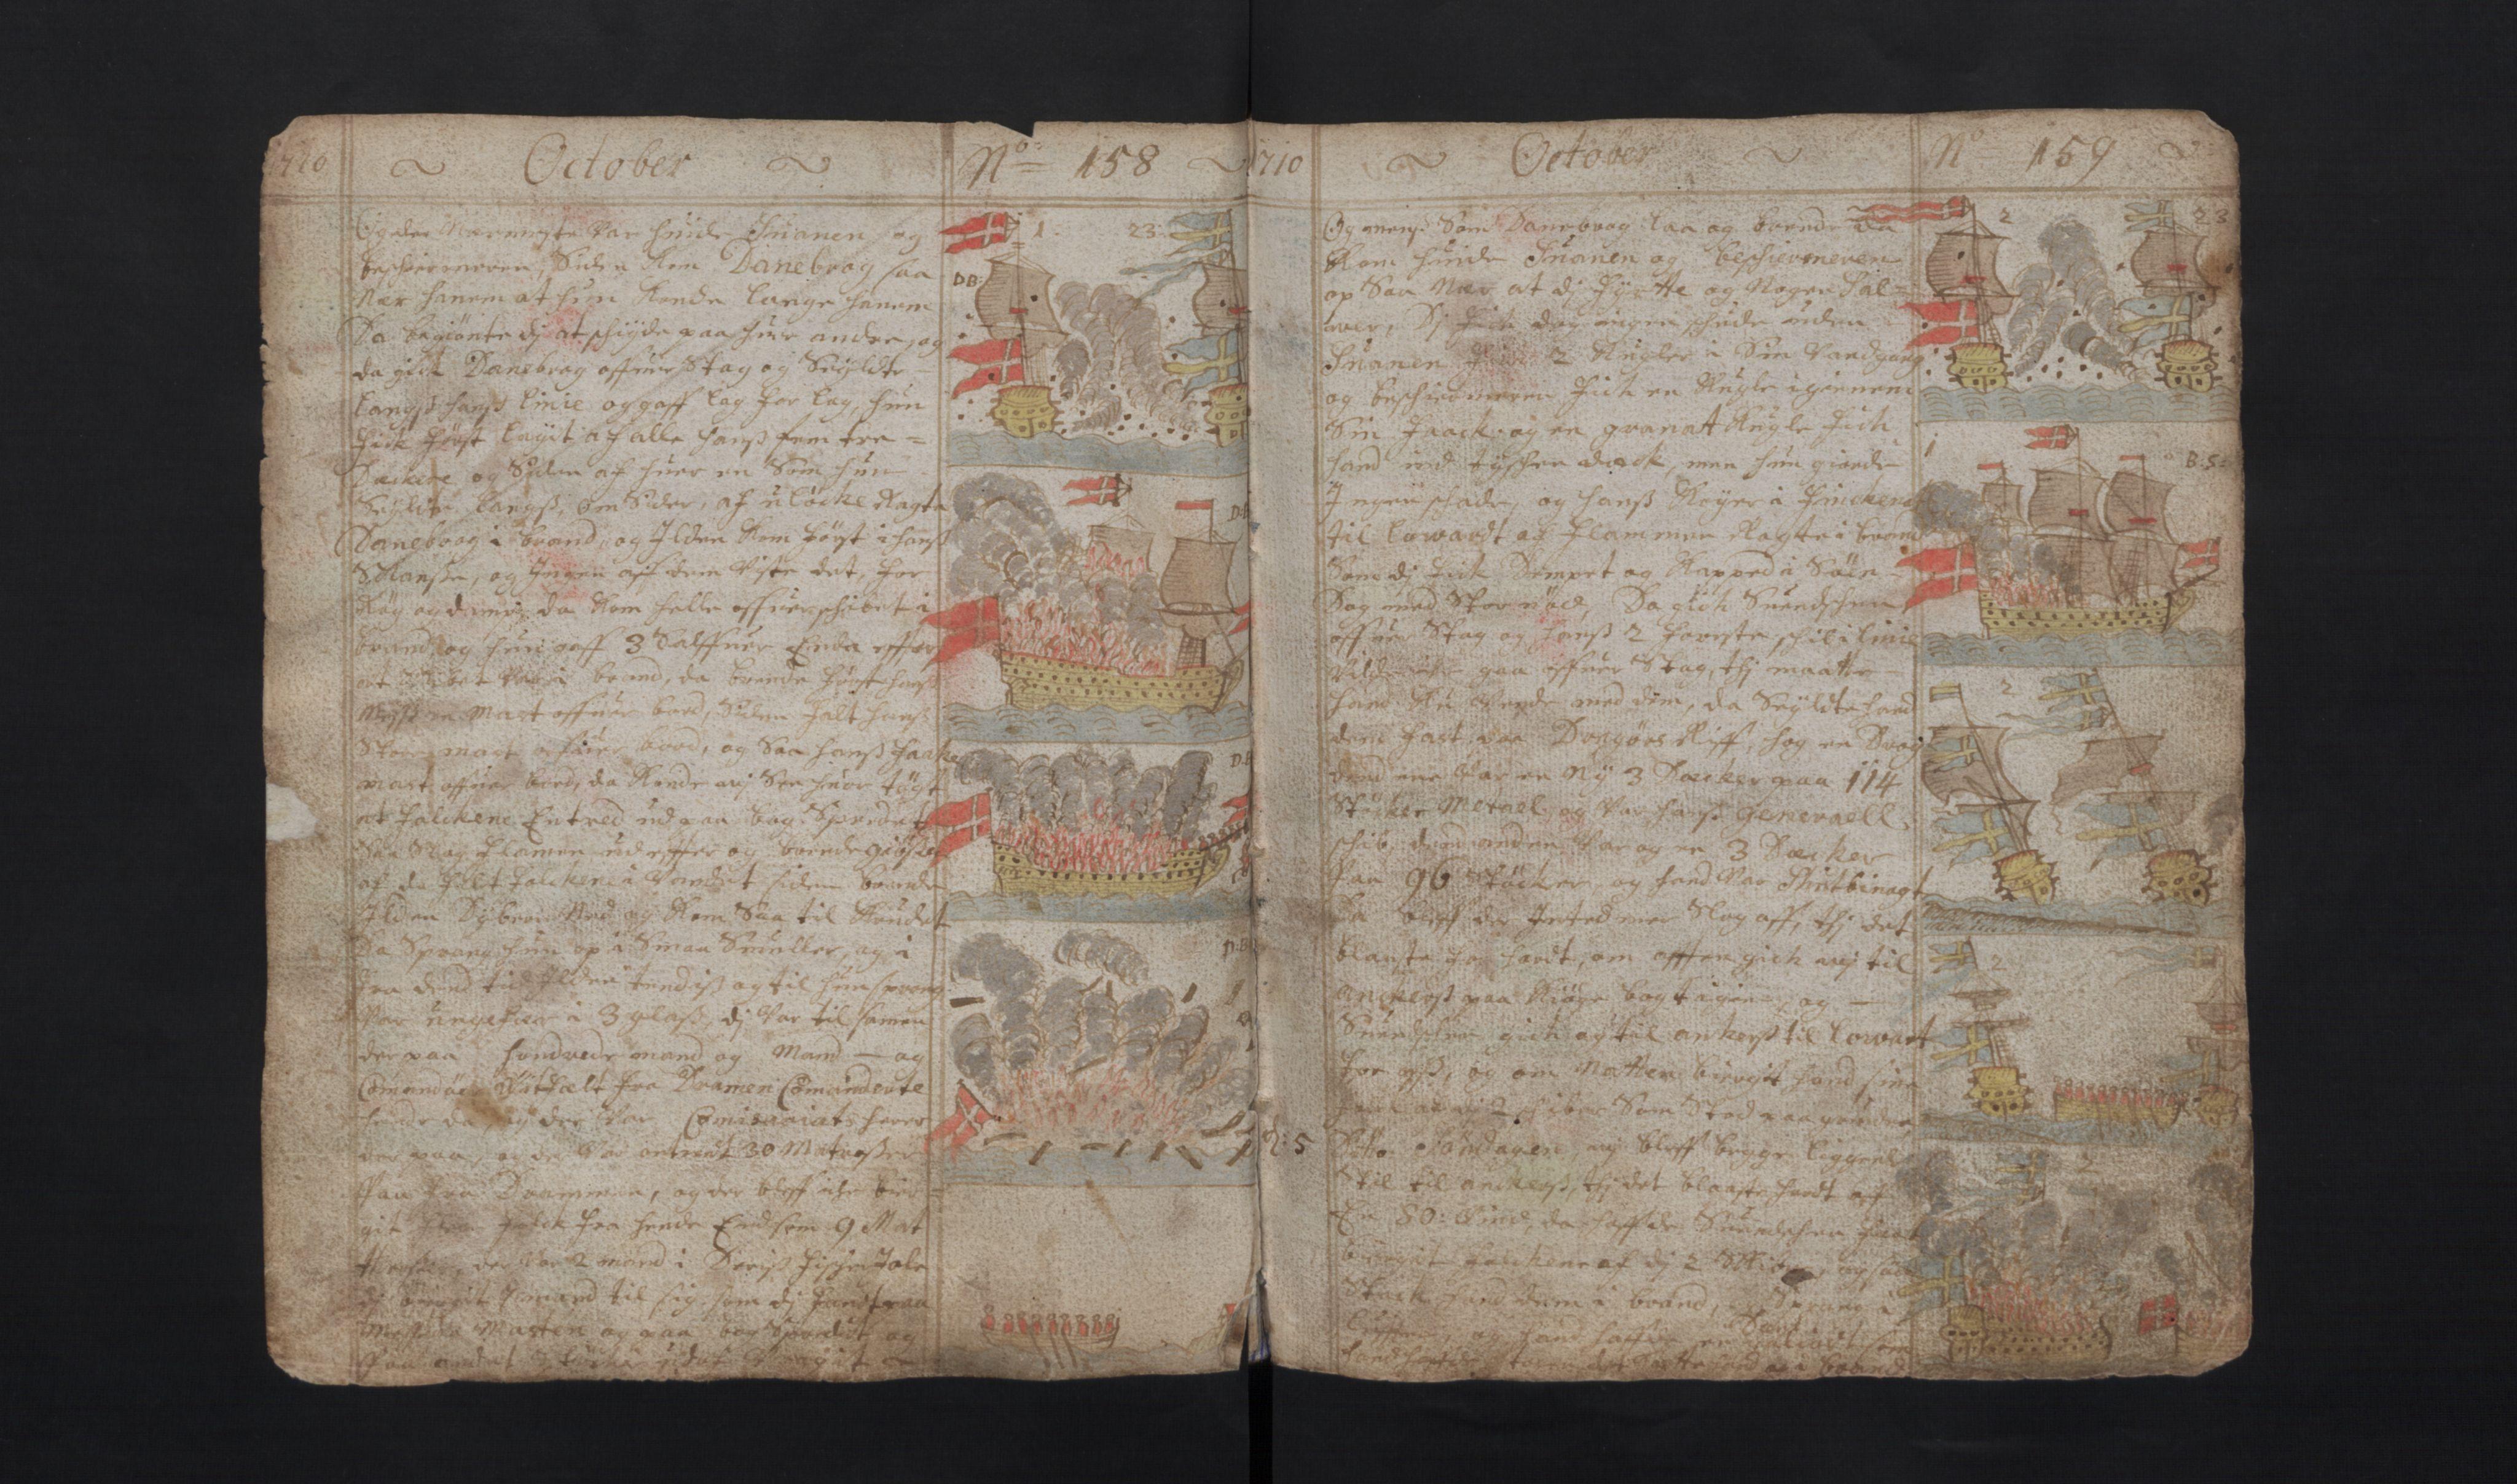 RA, Manuskriptsamlingen, G/L0048a: Nils Trosners dagbok ført på flåten 1710-1713 bd. I, 1710-1713, s. 158-159